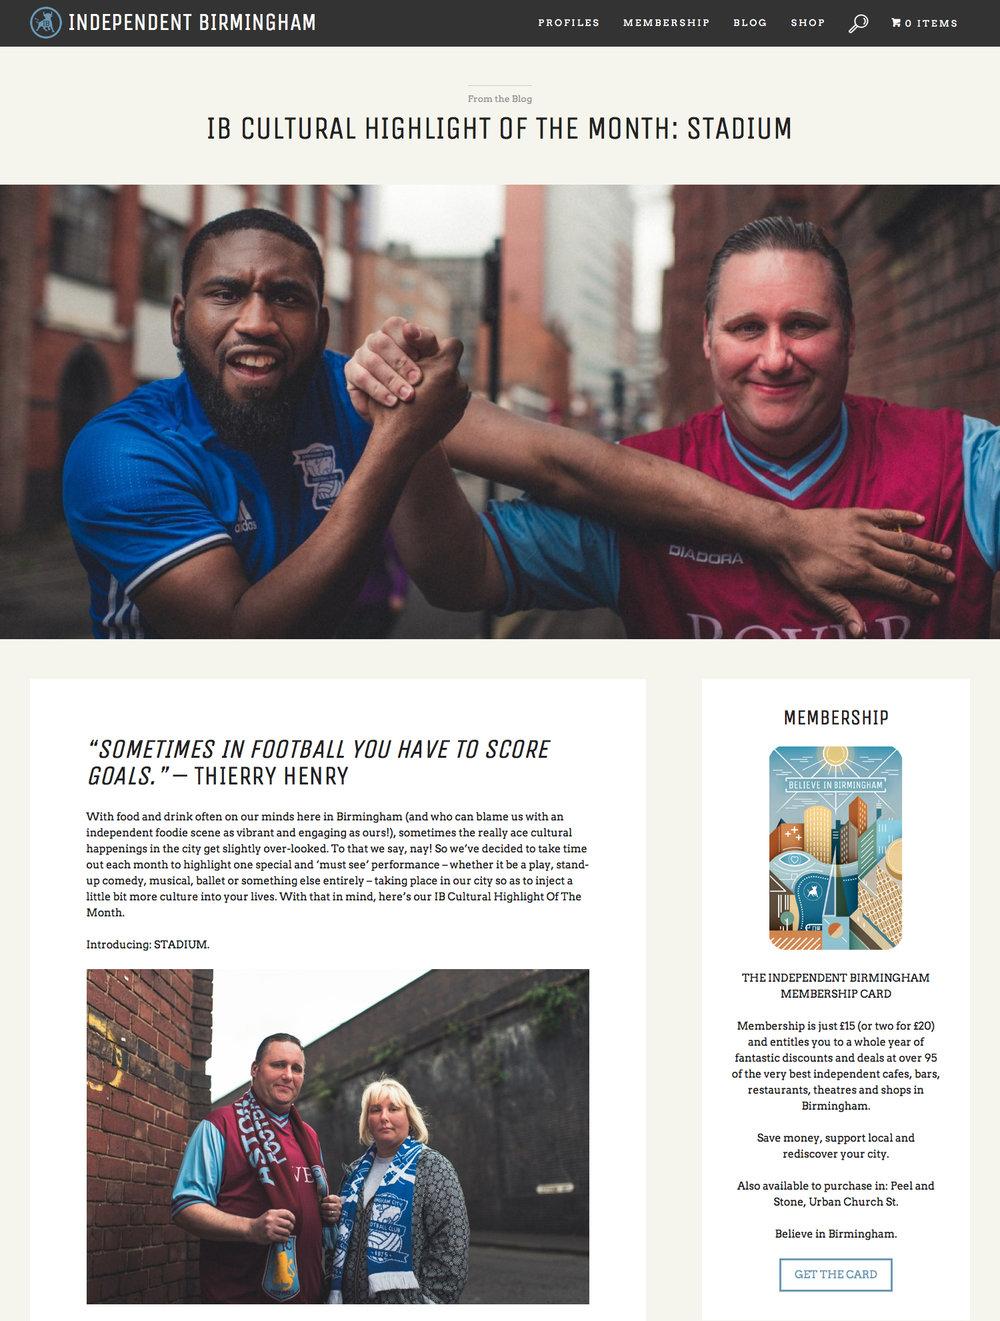 Independent Birmingham Website